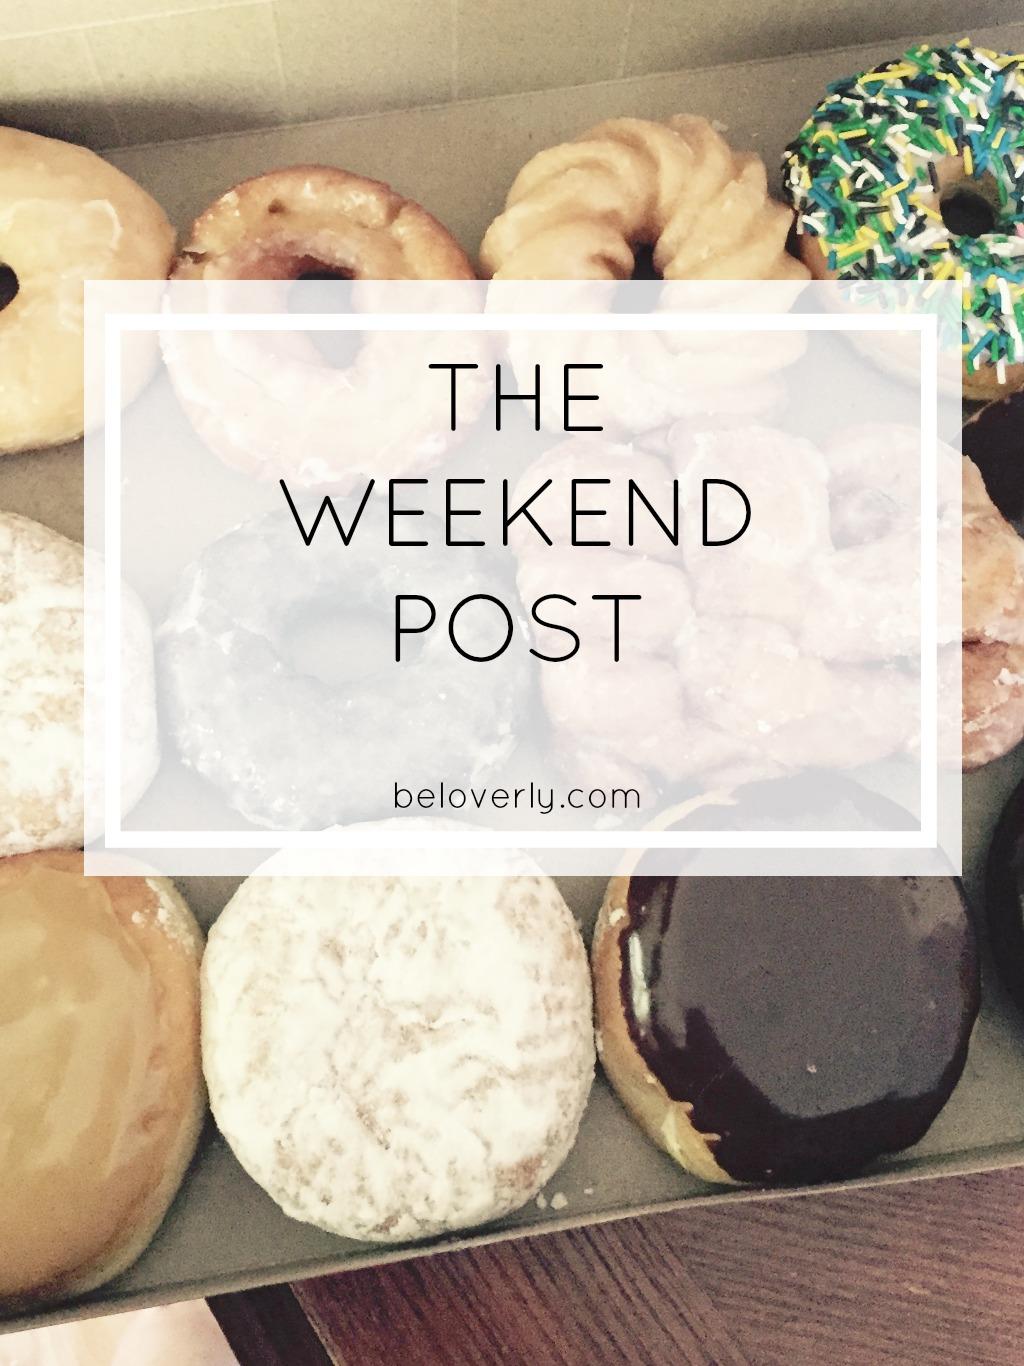 theweekendpostbeloverly